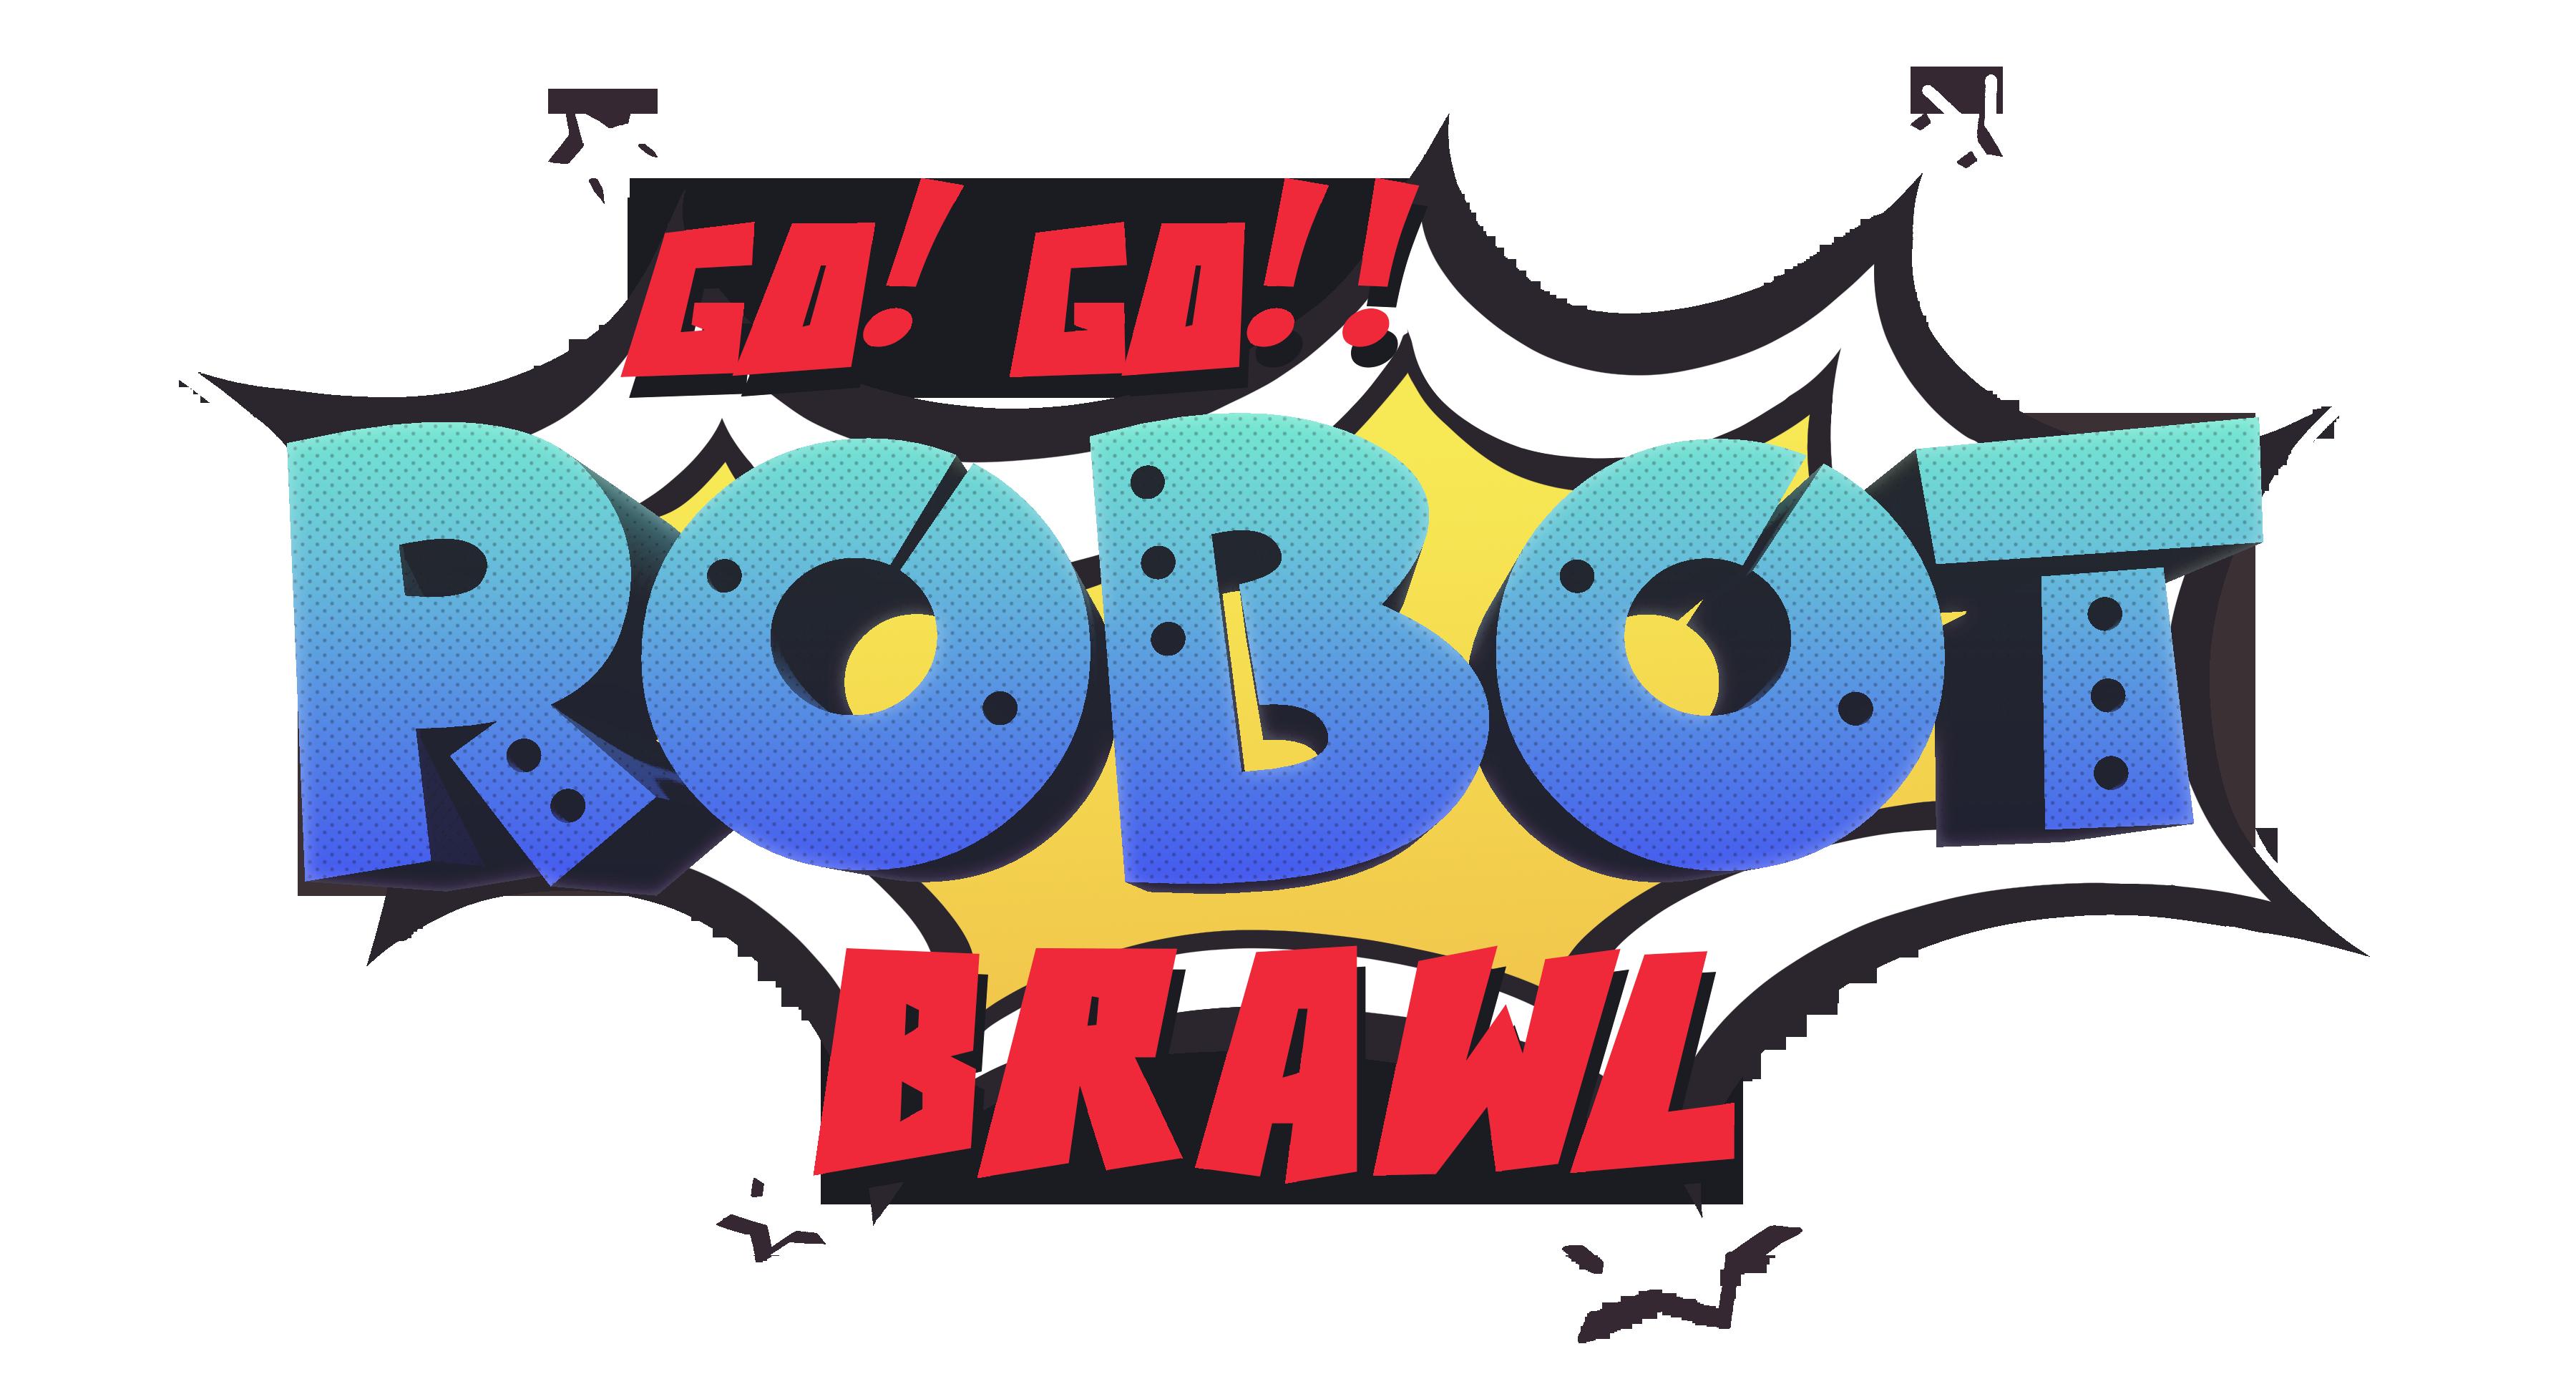 Go!Go!! Robot Brawl